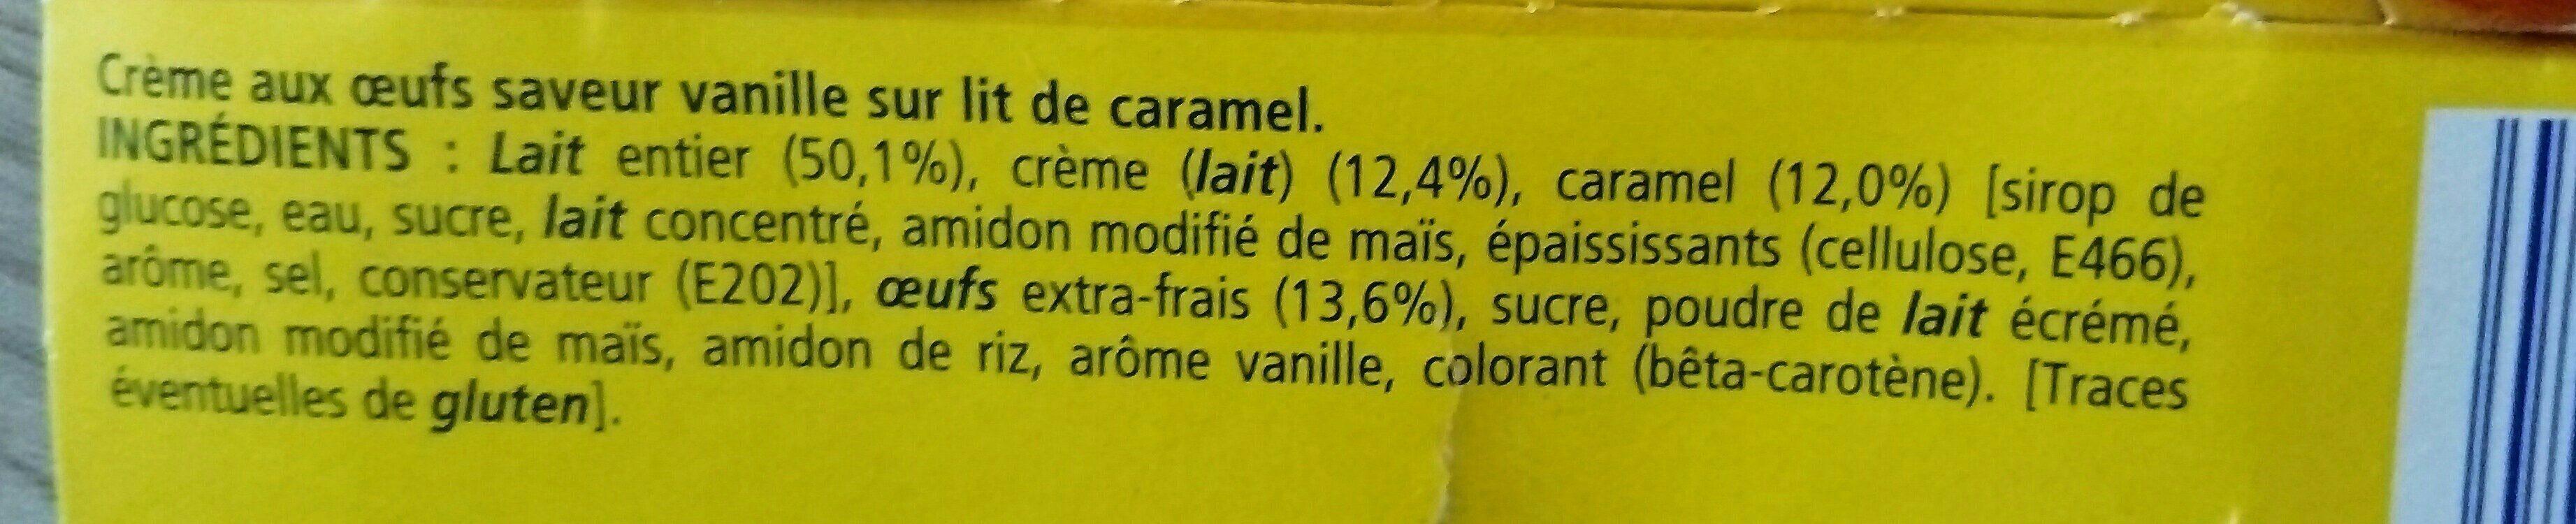 Crème aux Oeufs sur lit de Caramel (4 pots) 400 g - La Laitière - Ingredients